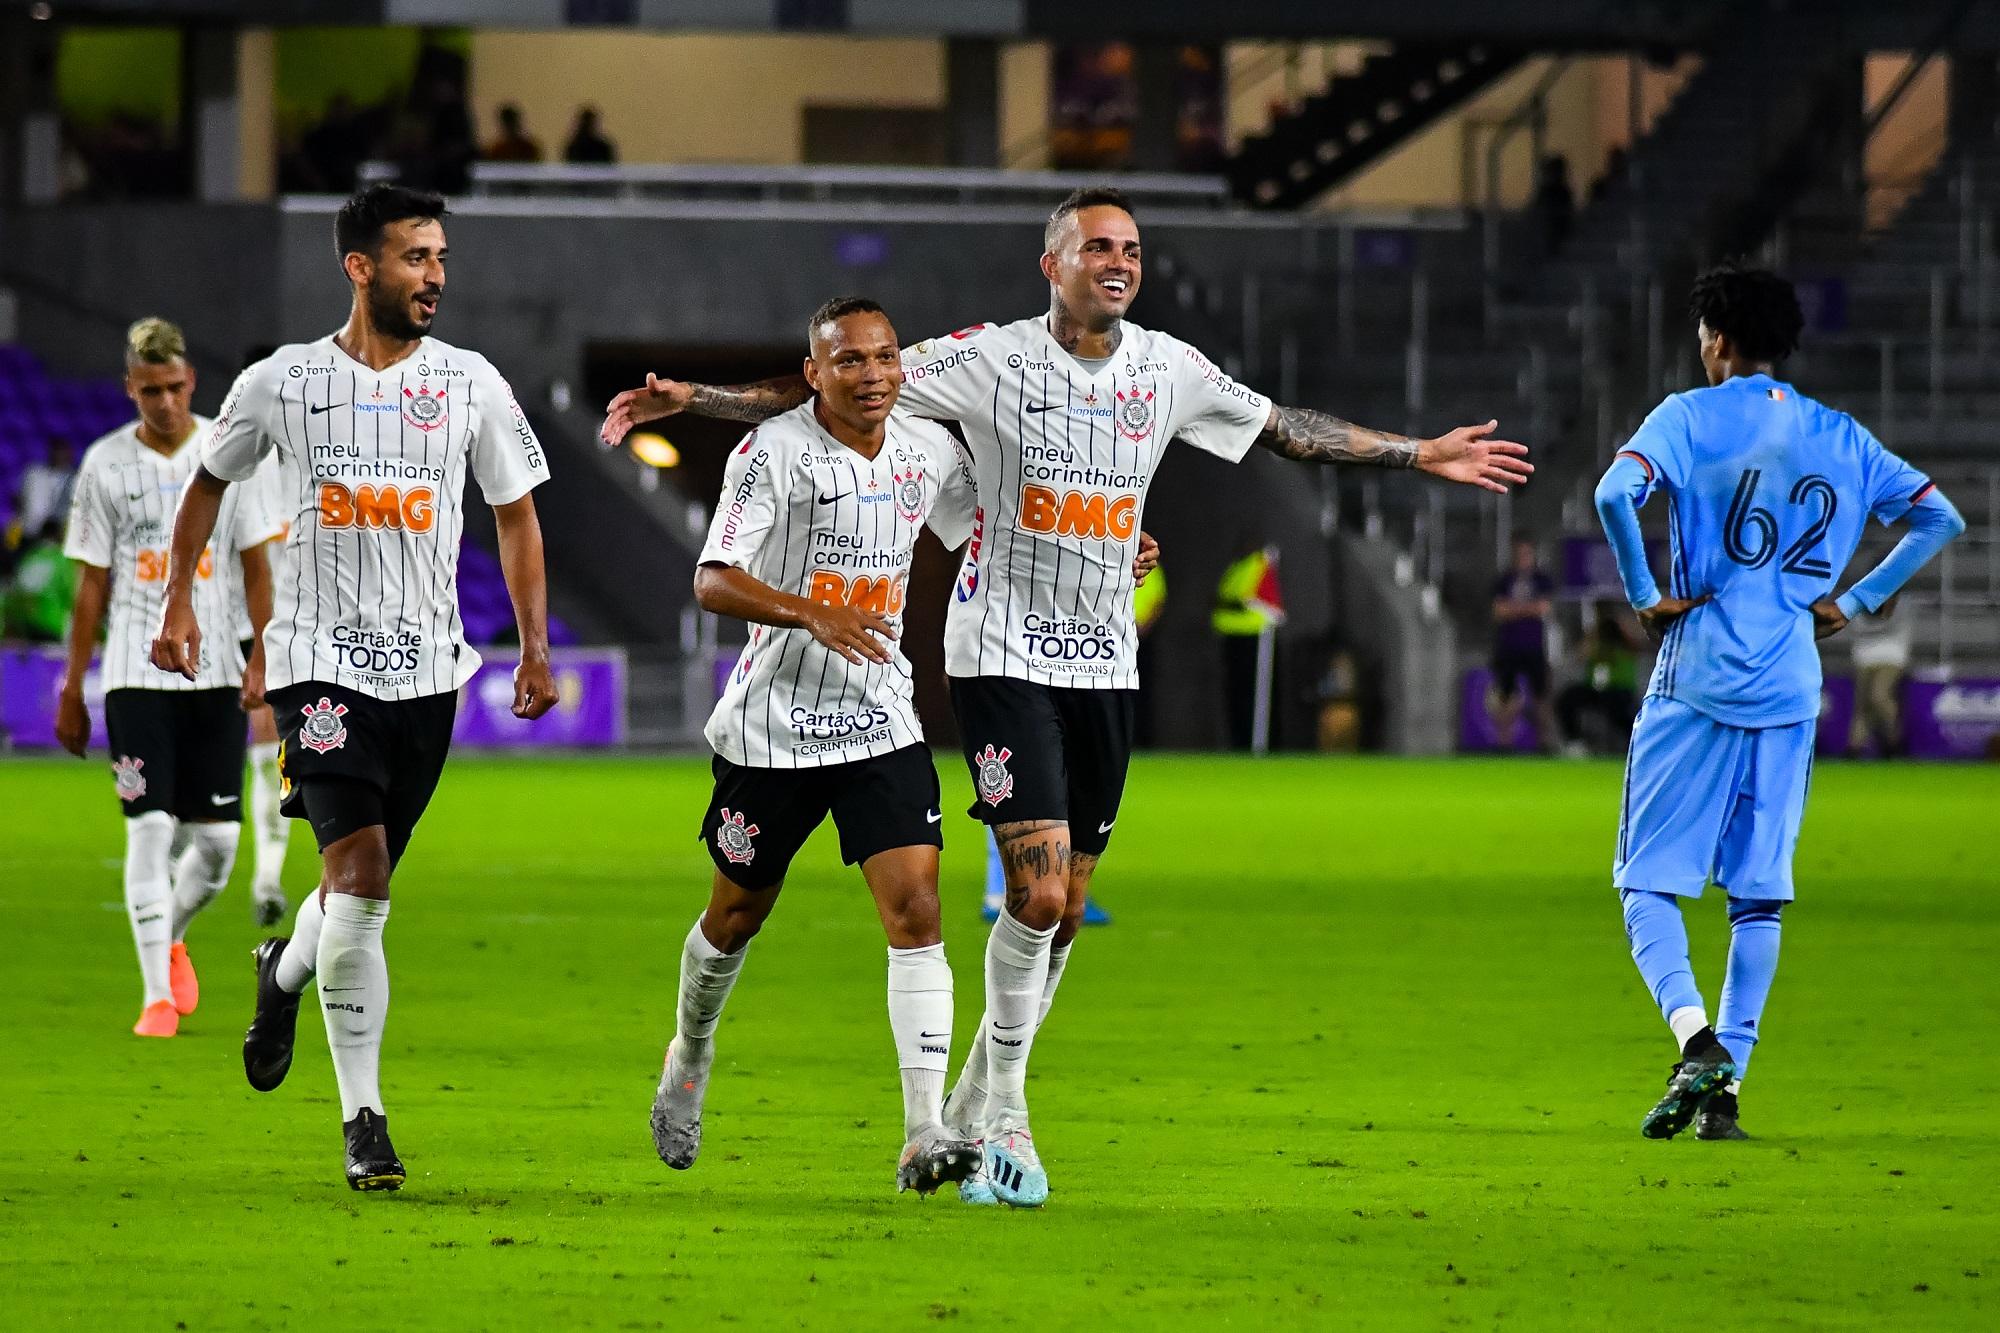 Corinthians x Atlético Nacional: horário, local, escalações e transmissão